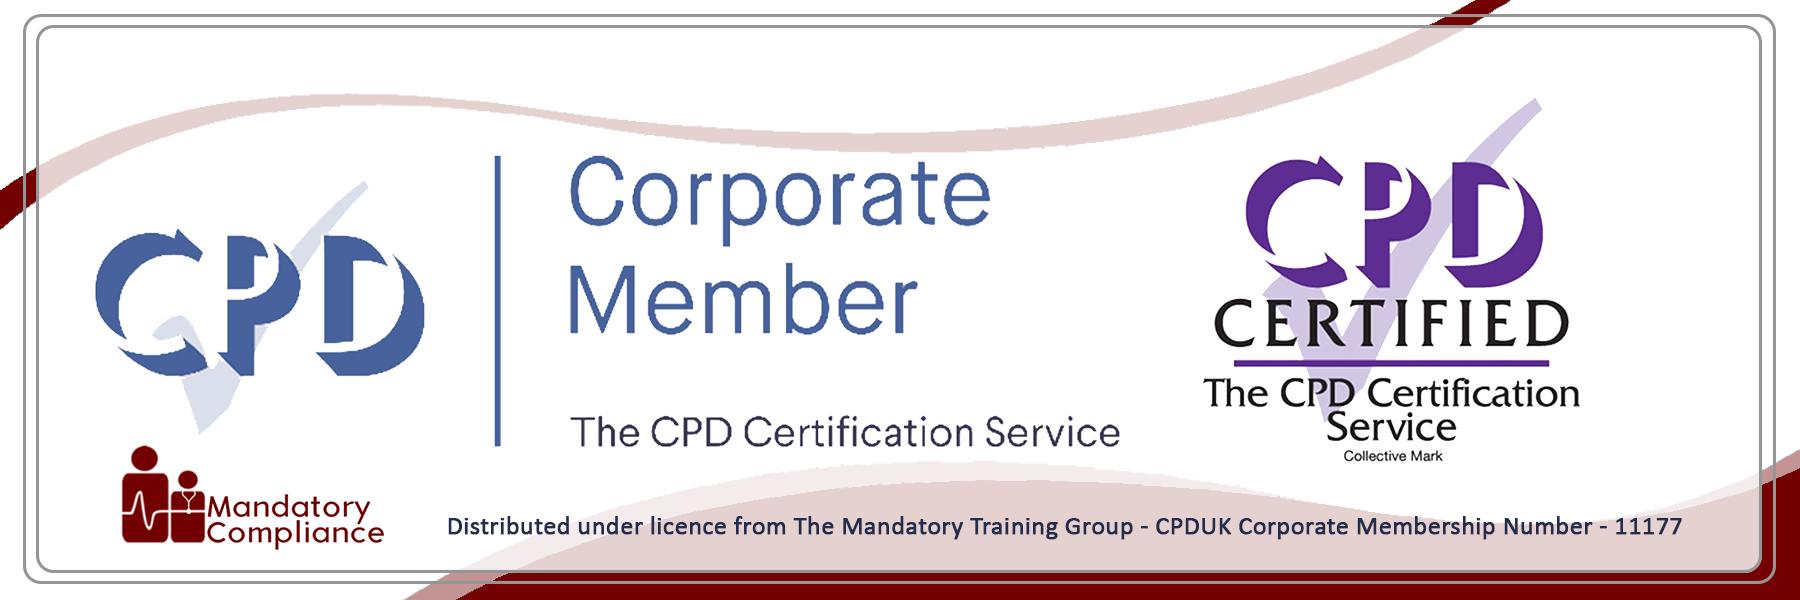 E-Learning Mandatory Training Courses - E-Learning Courses - Mandatory Compliance UK -